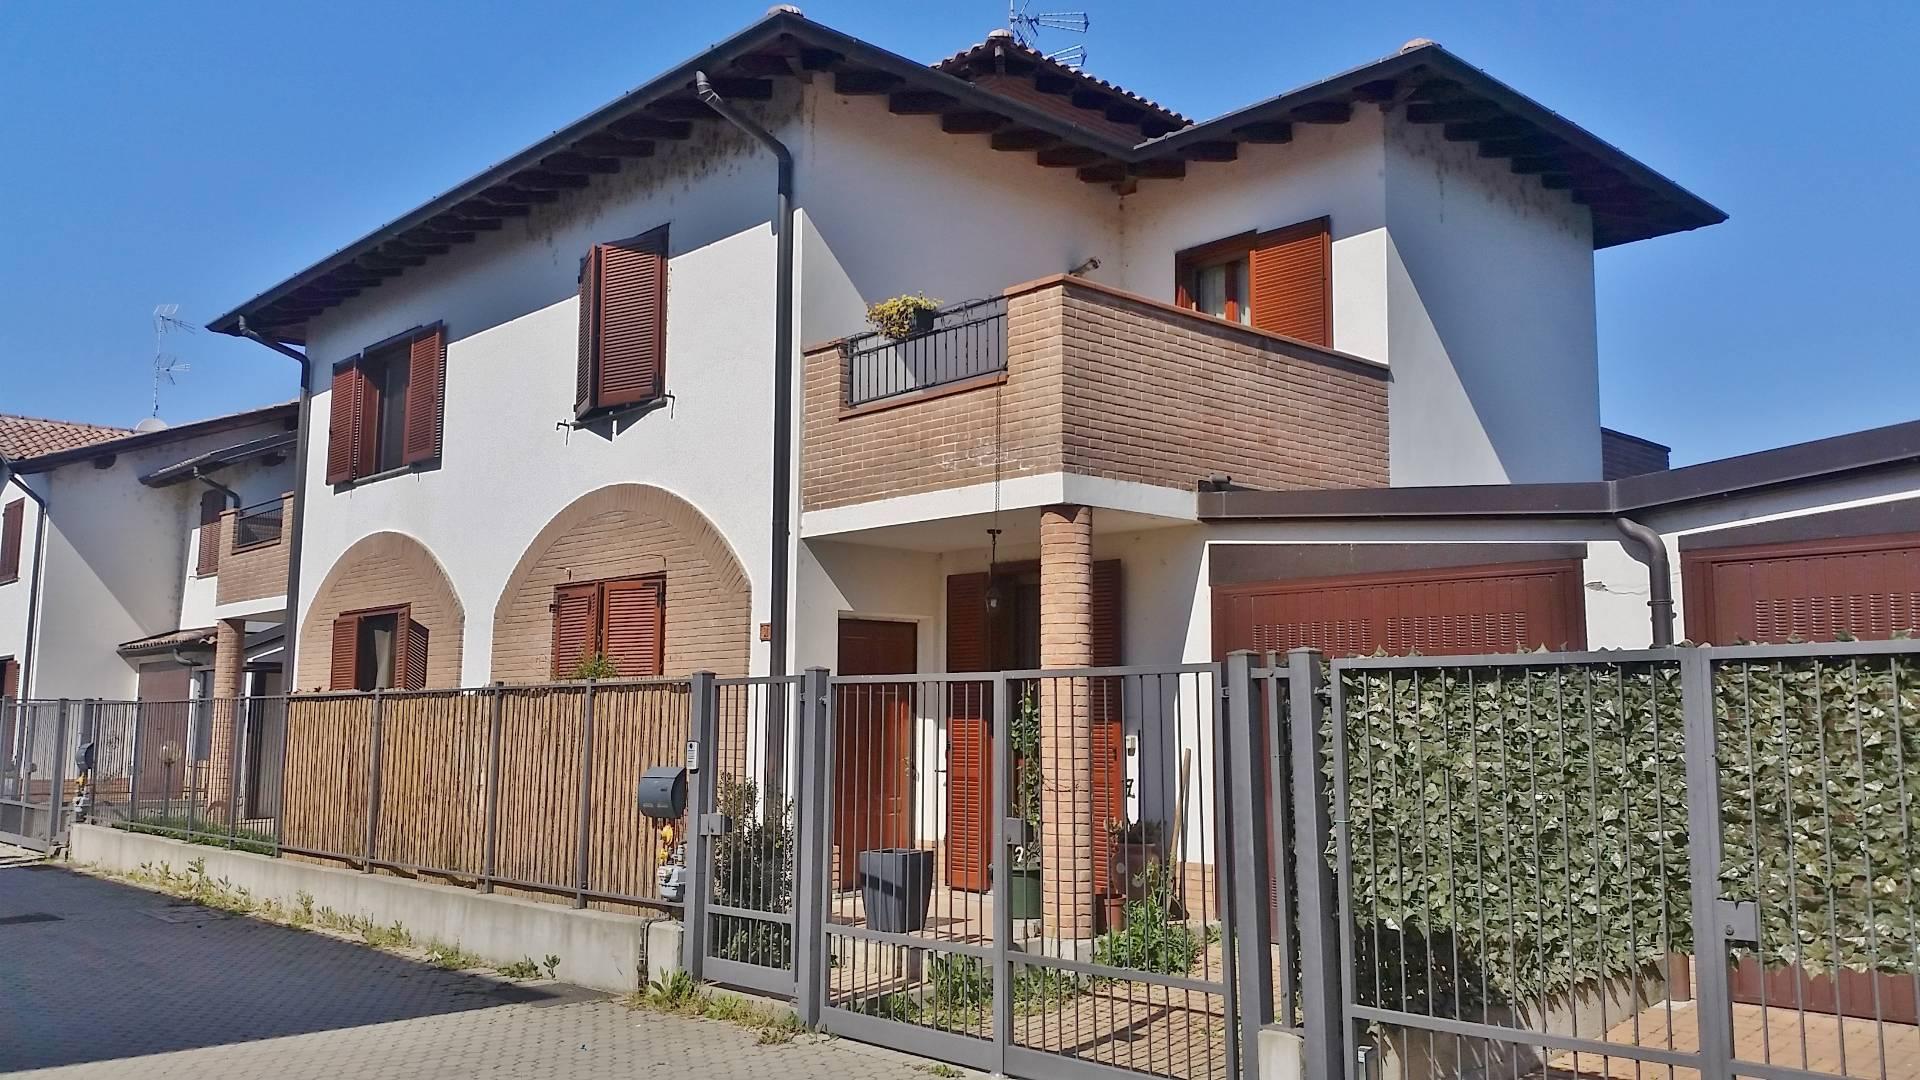 Villa Bifamiliare in vendita a Zinasco, 4 locali, zona Località: ZinascoVecchio, prezzo € 169.000 | CambioCasa.it